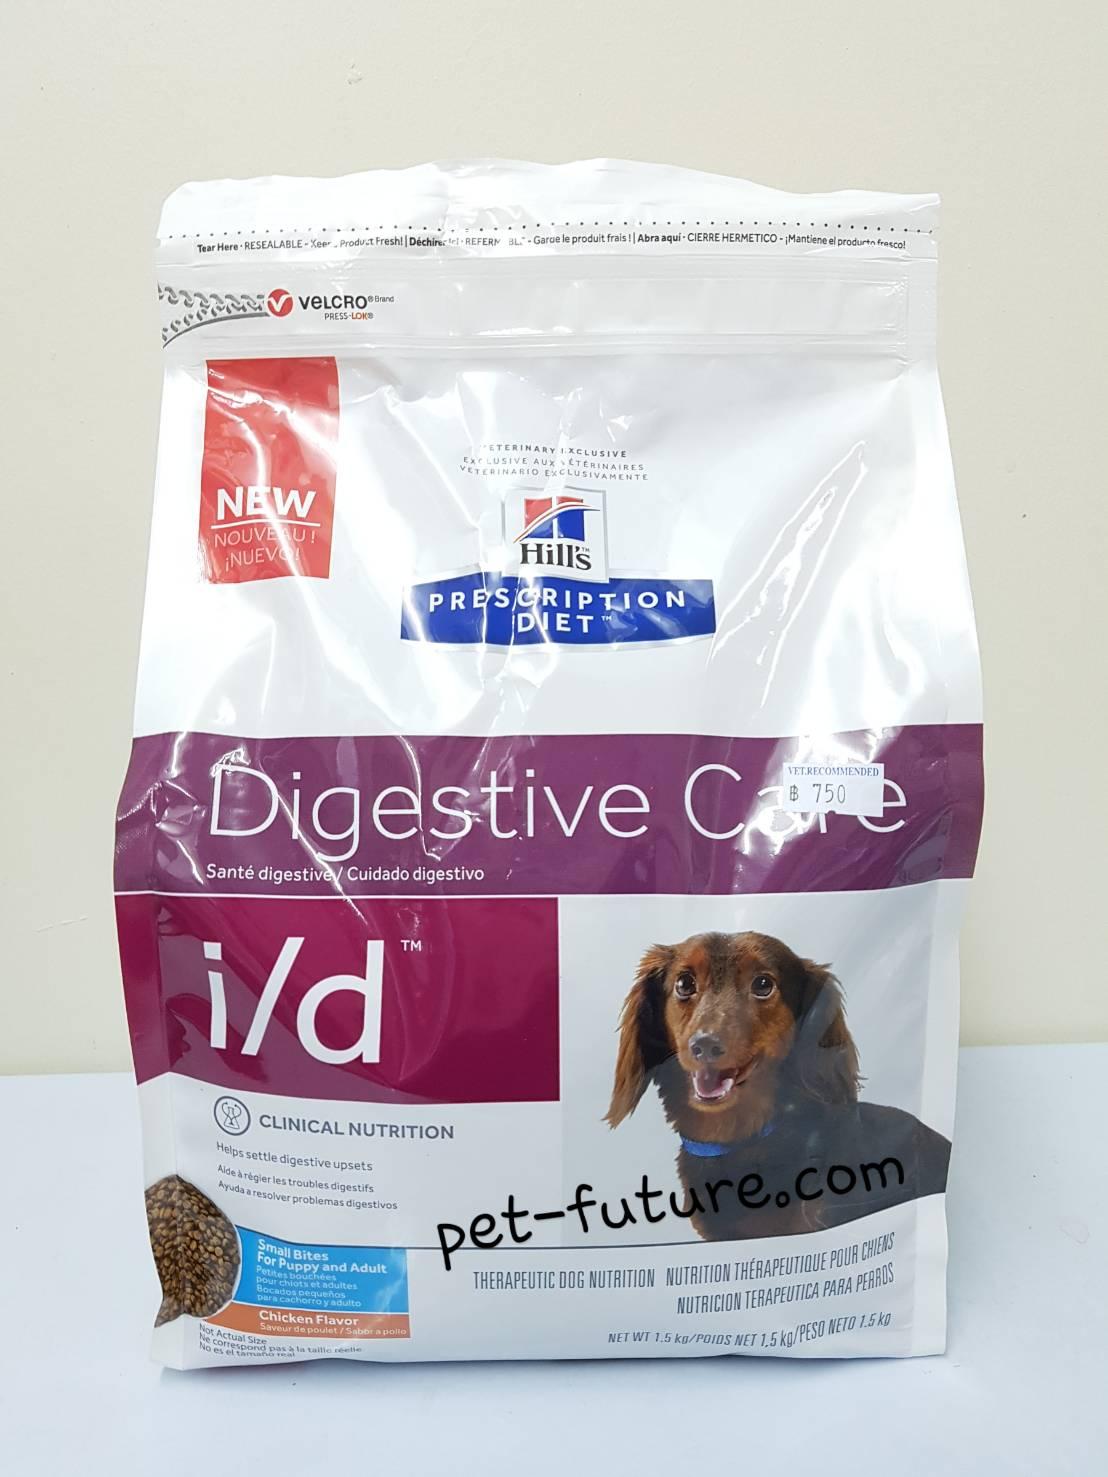 i/d canine small bite 1.5 kg. Exp. 08/18 สำหรับสุนัขพันธ์เล็ก ดูแลสุขภาพระบบทางเดินอาหาร/ท้องเสียแบบใหม่ค่ะ